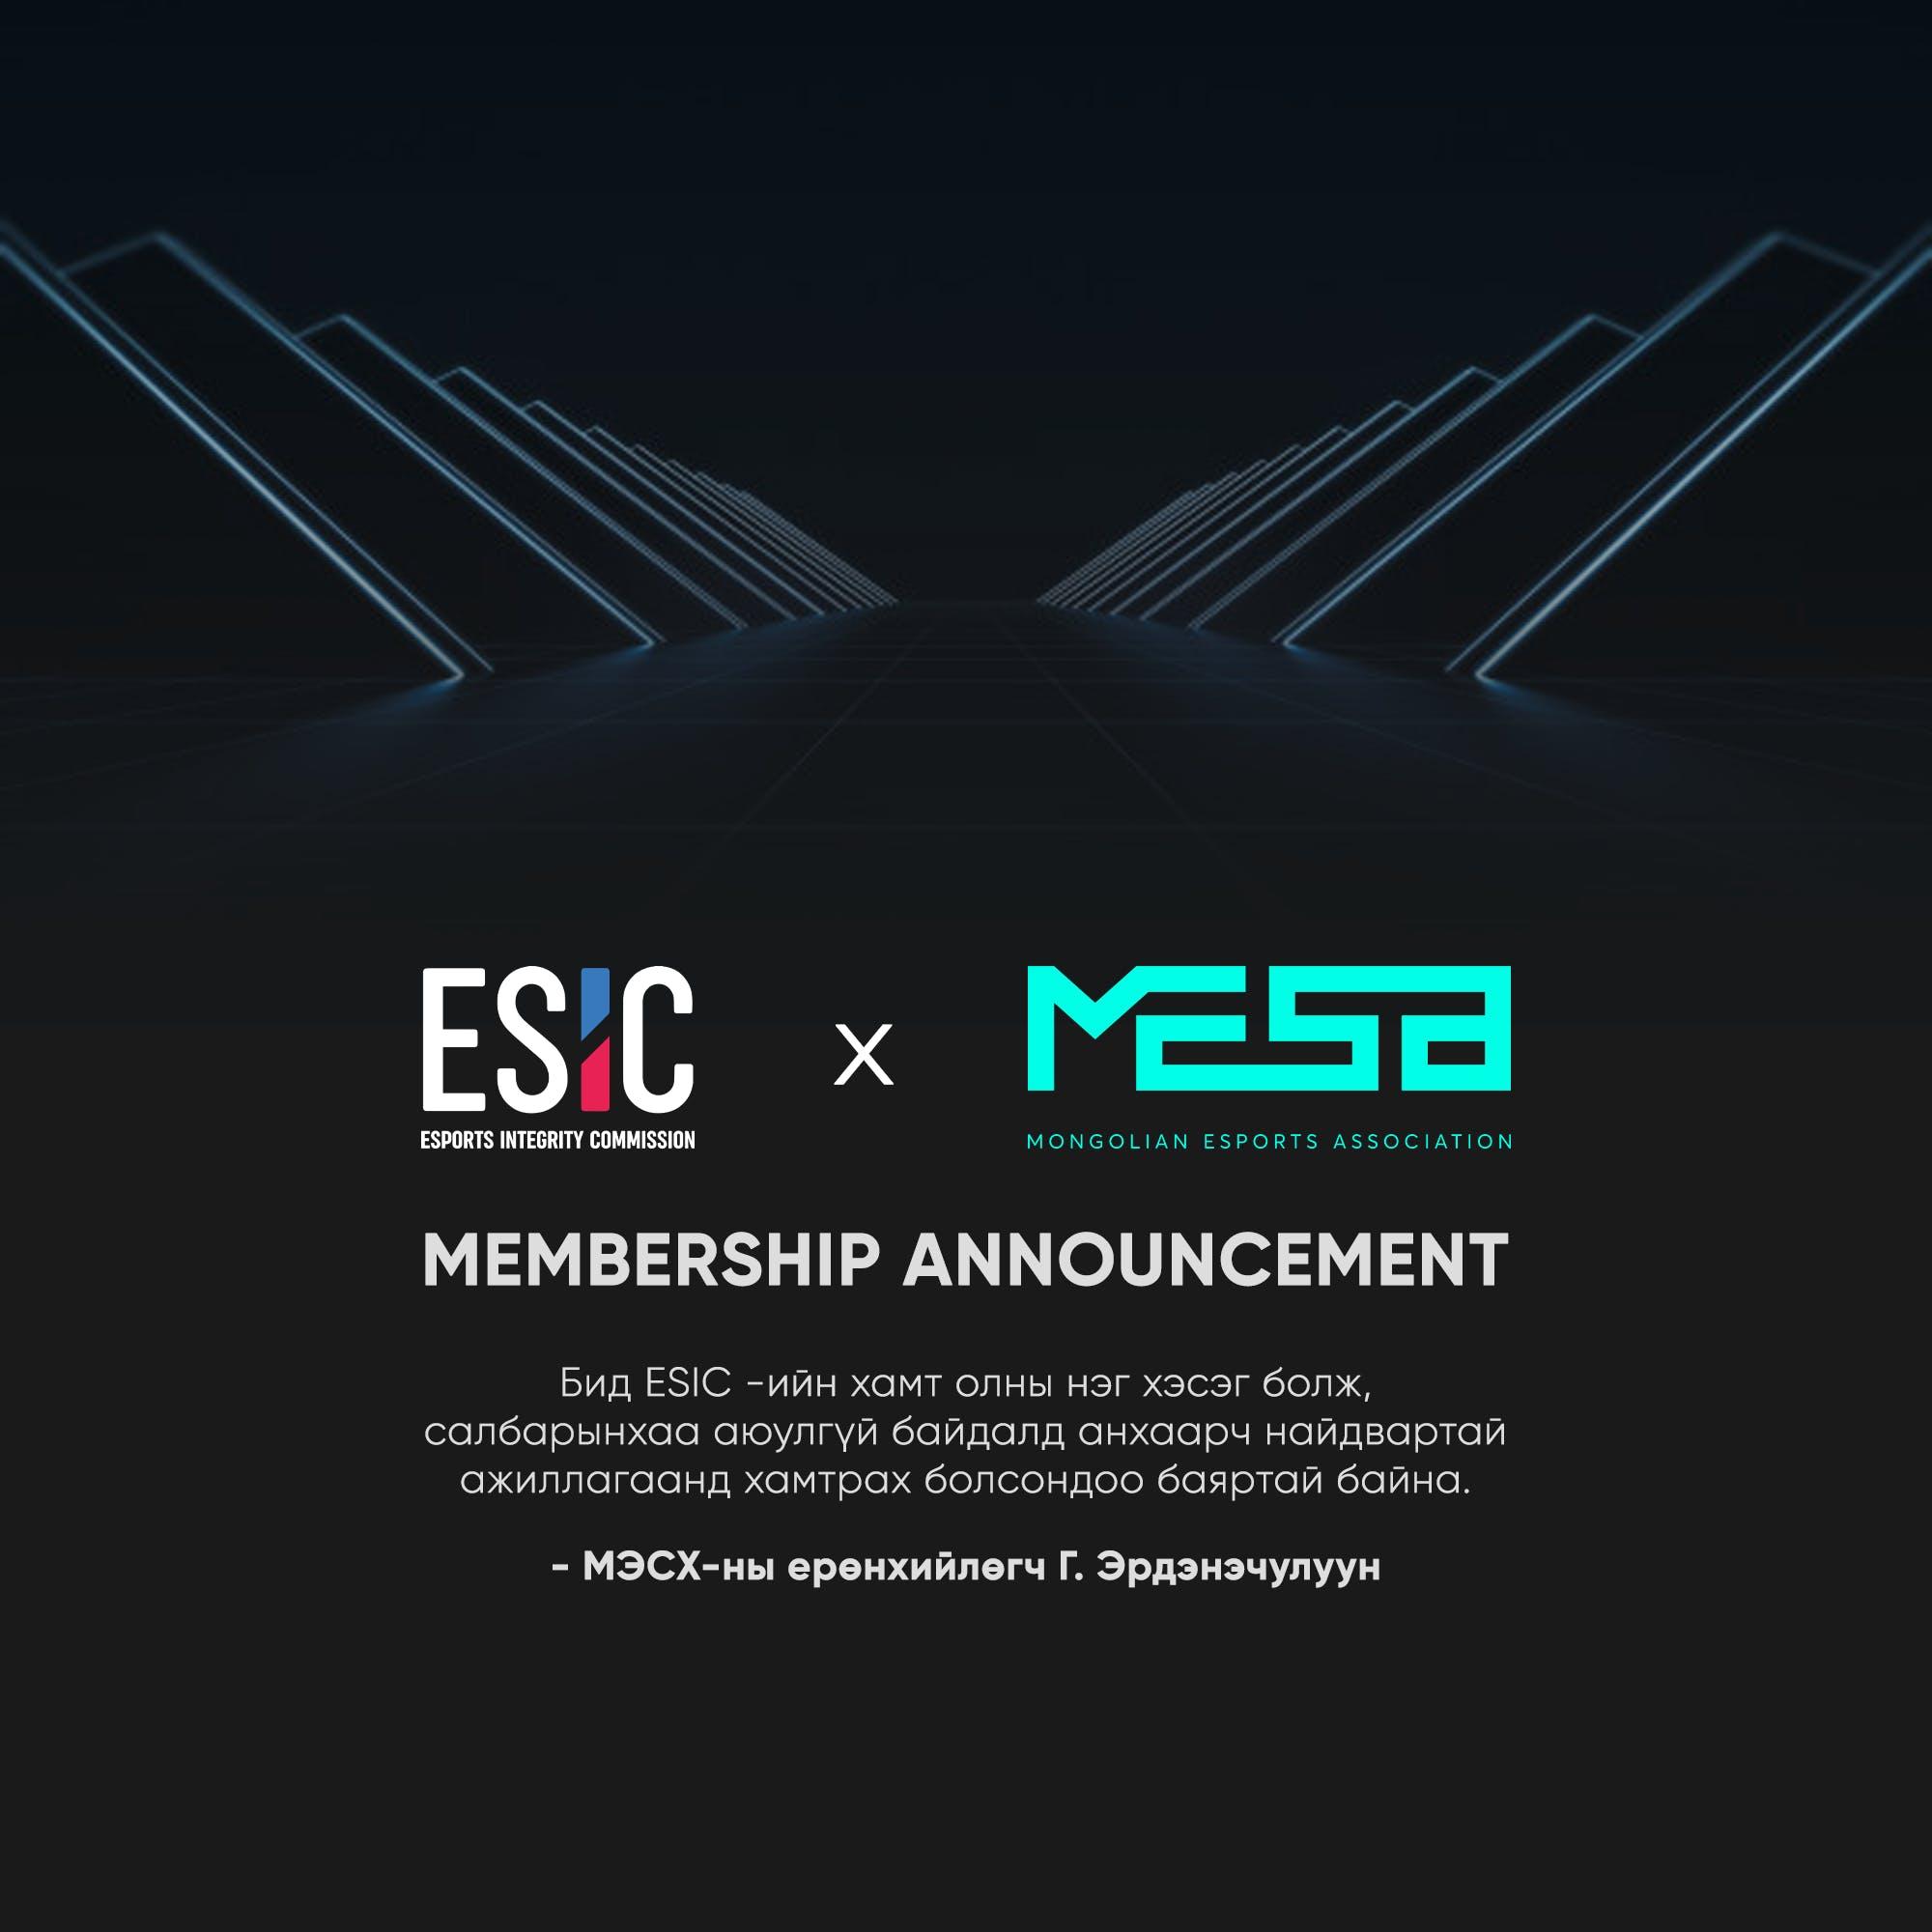 MESA албан ёсоор ESIC-ийн гишүүн боллоо